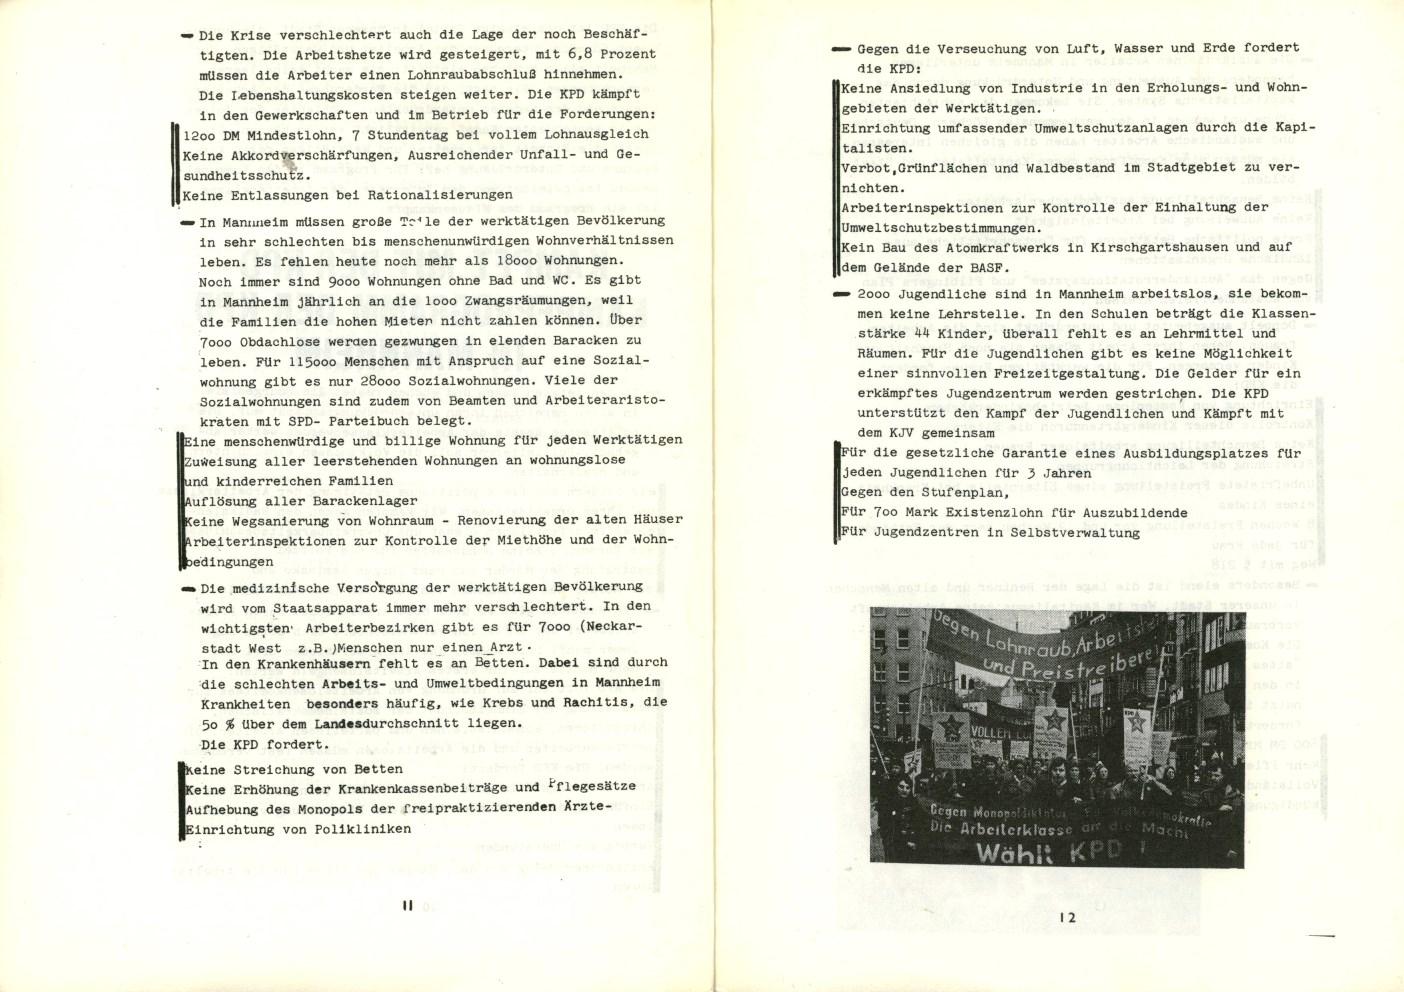 Mannheim_KPDAO_Kommunalwahlen_1975_07